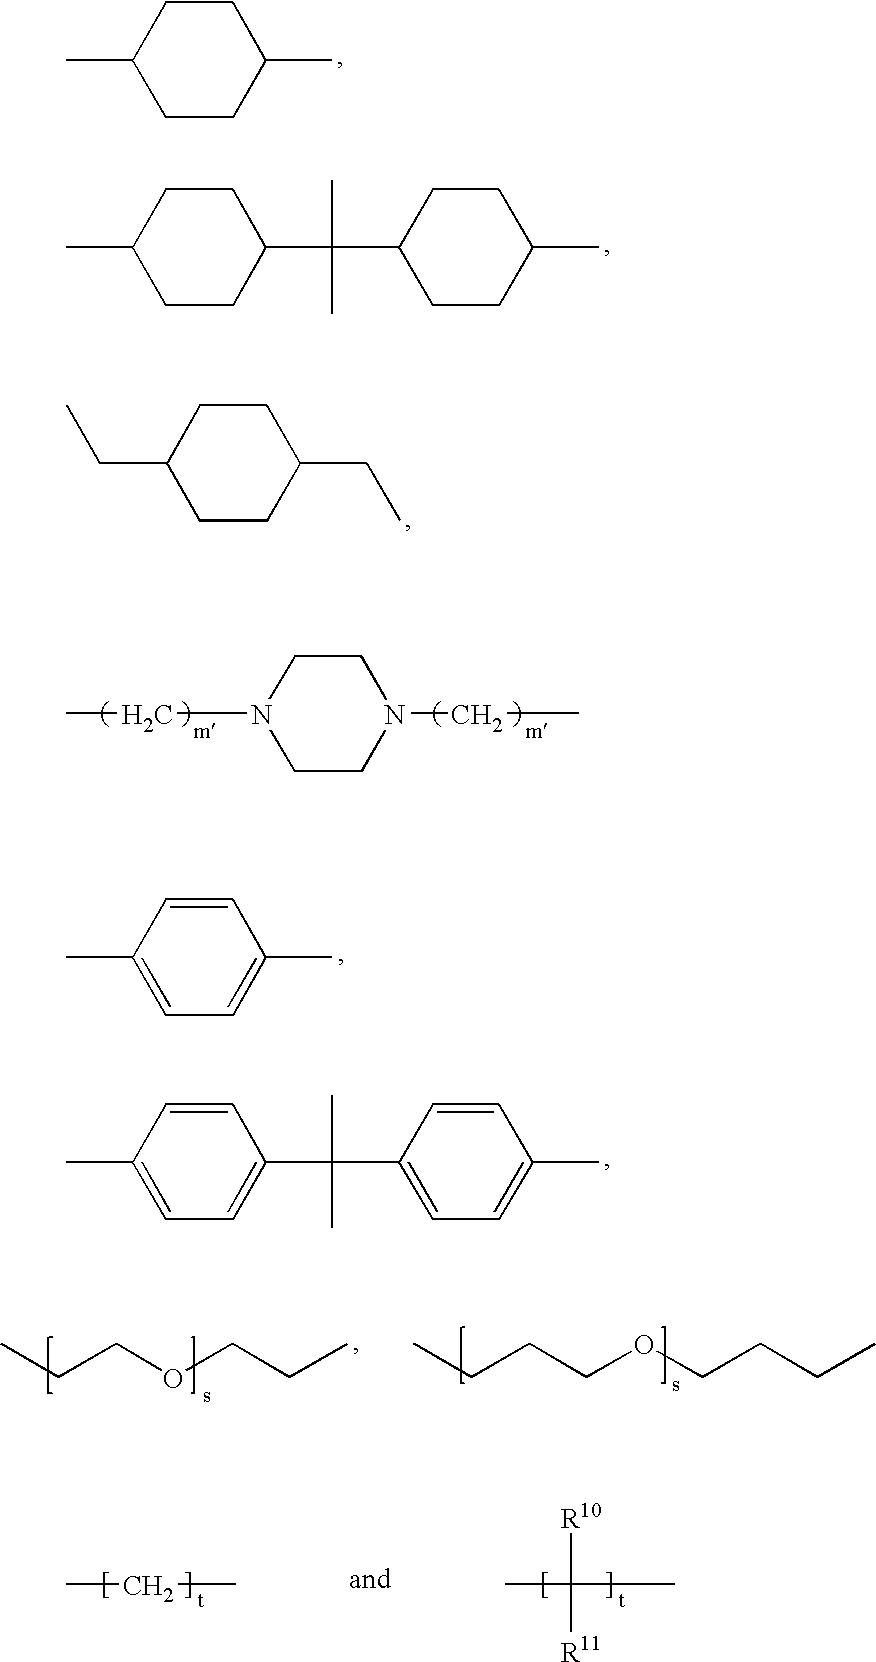 Figure US20060235084A1-20061019-C00041